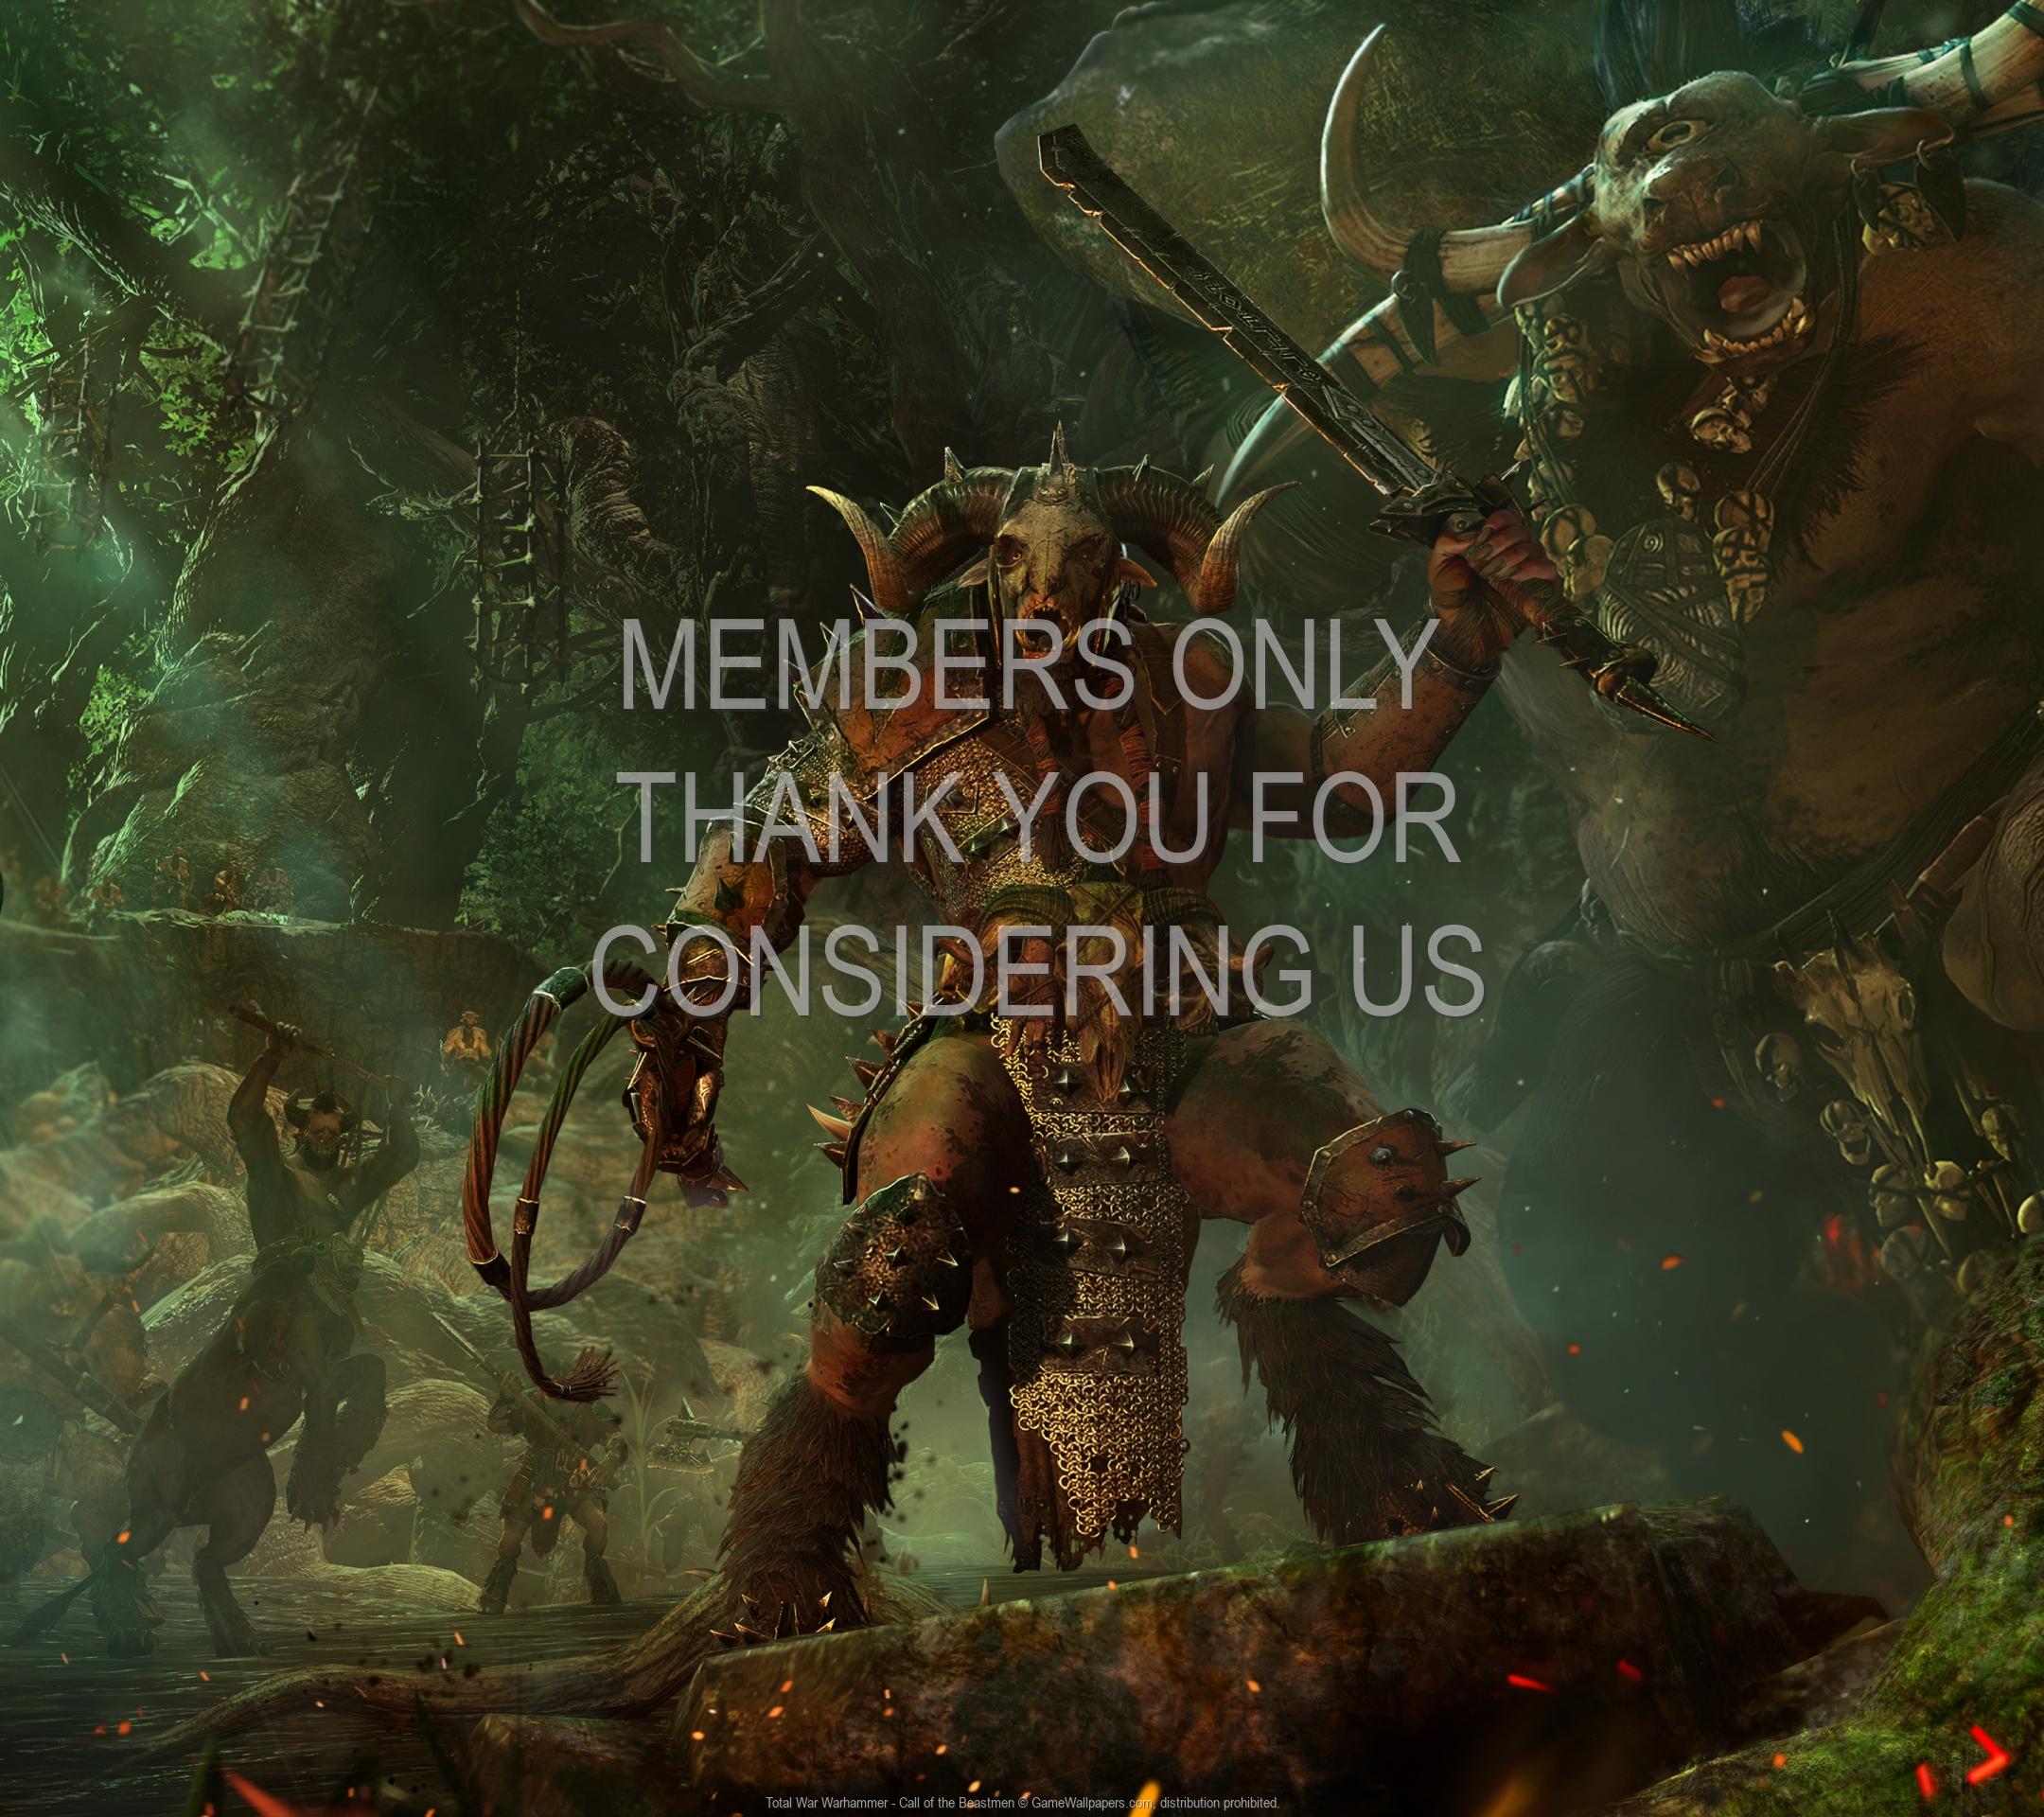 Total War Warhammer Call Of The Beastmen Wallpaper 01 1920x1080